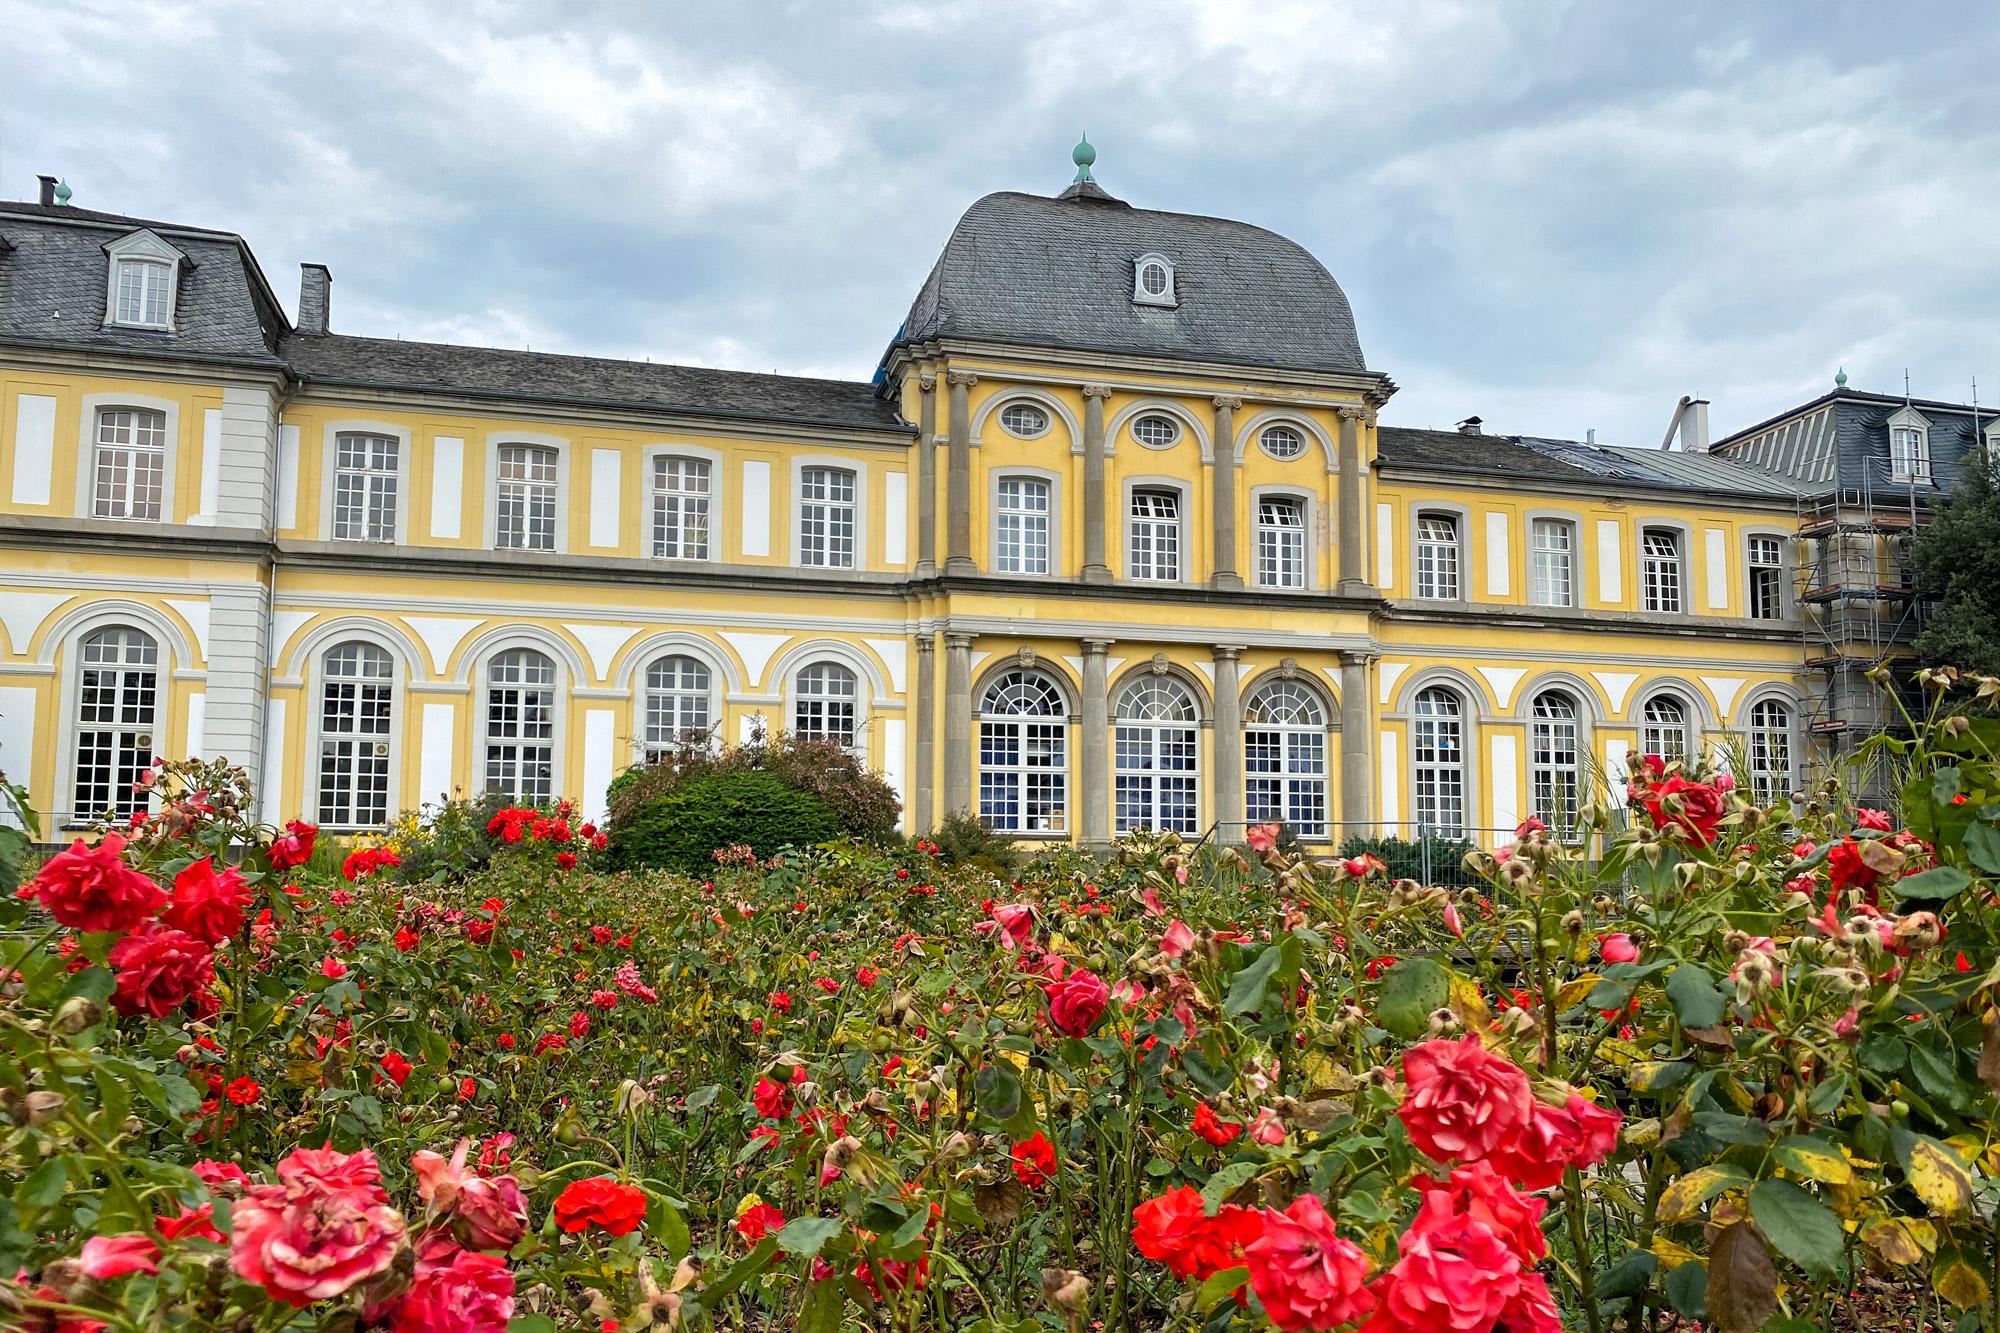 Foto van de maand: Augustus 2020 - Bonn, Duitsland